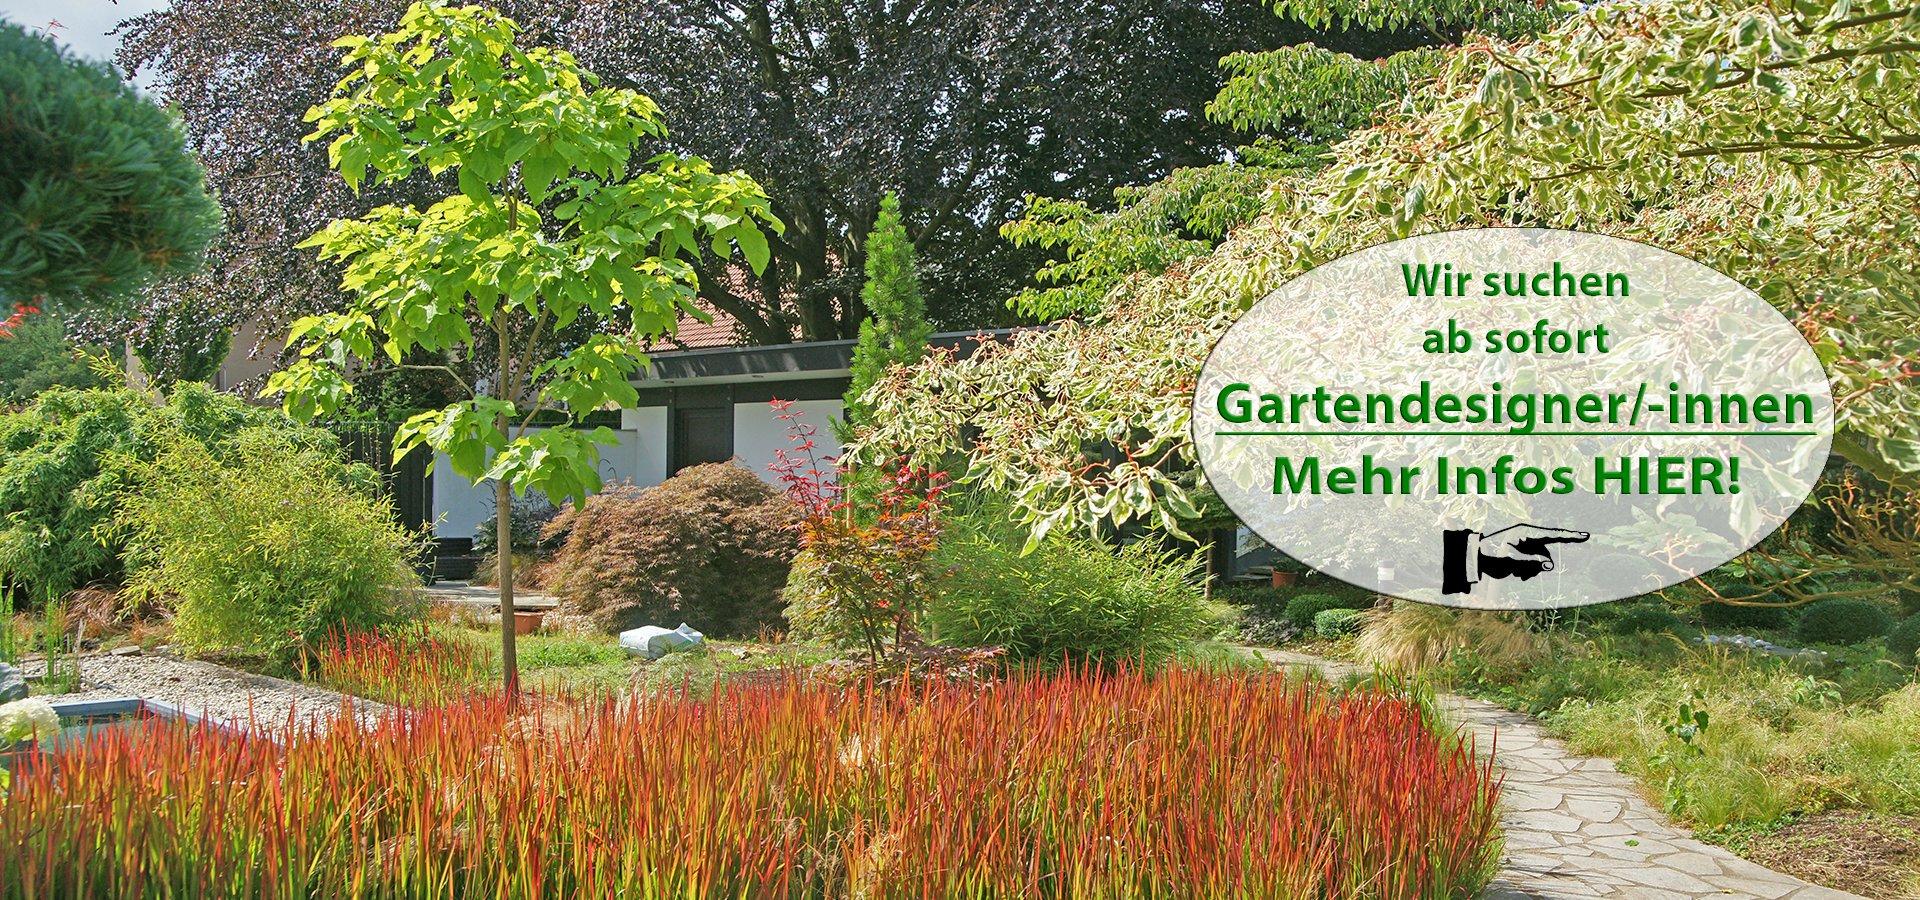 Unternehmen kohout 39 s gartendesign gmbh co kg prietitz for Gartendesign